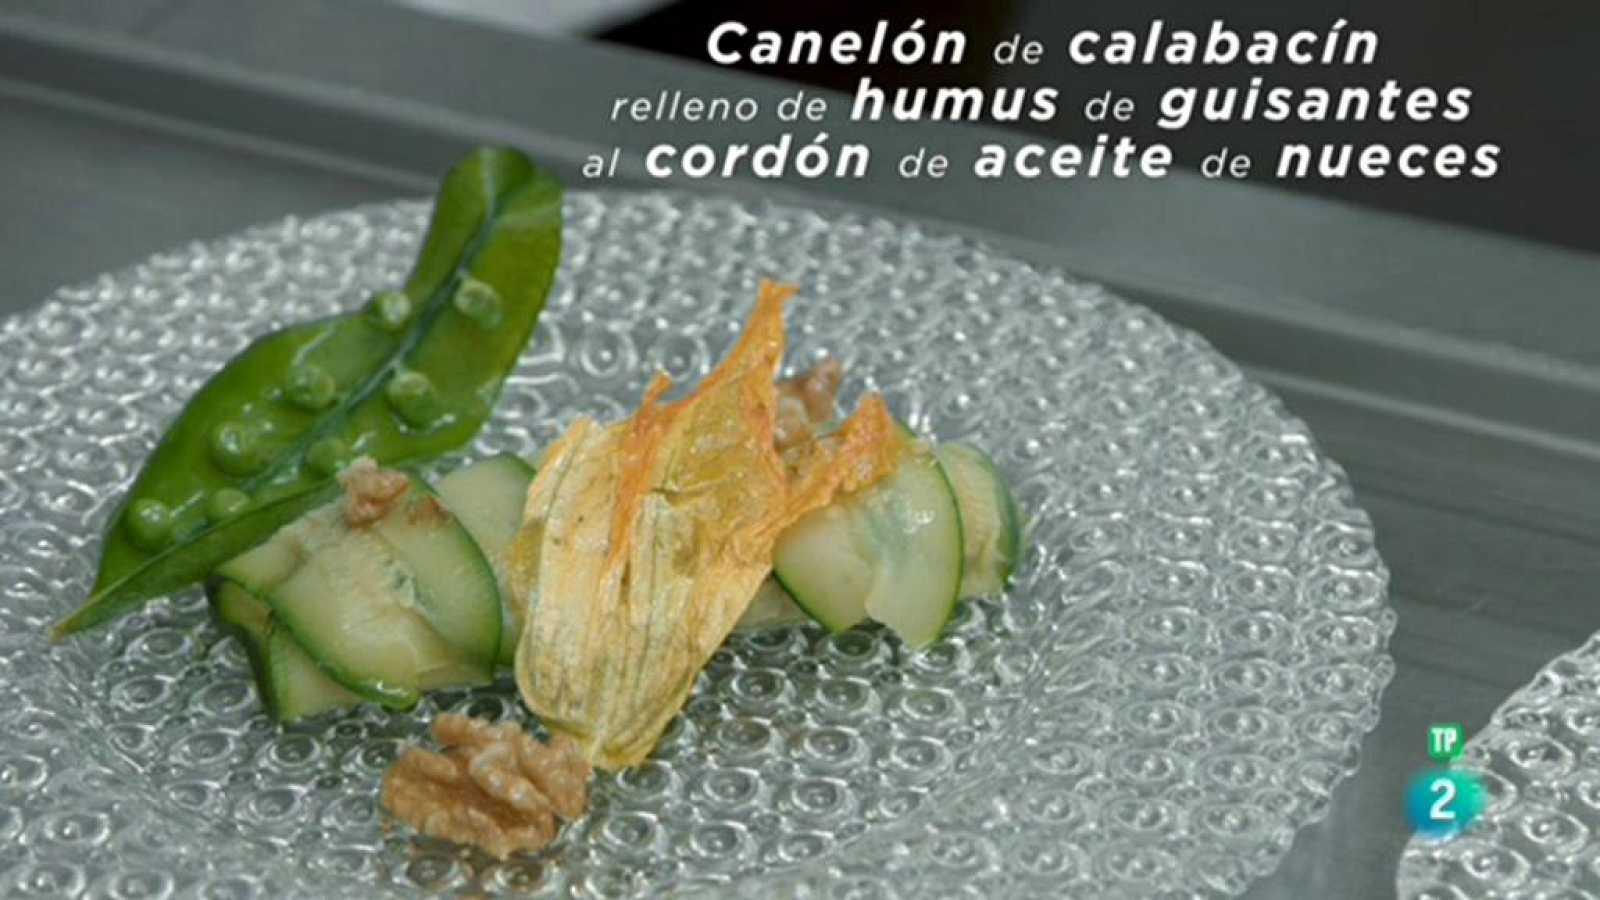 La ciencia de la salud - Canelón de calabacín relleno de humus de guisantes al cordón de aceite de nueces